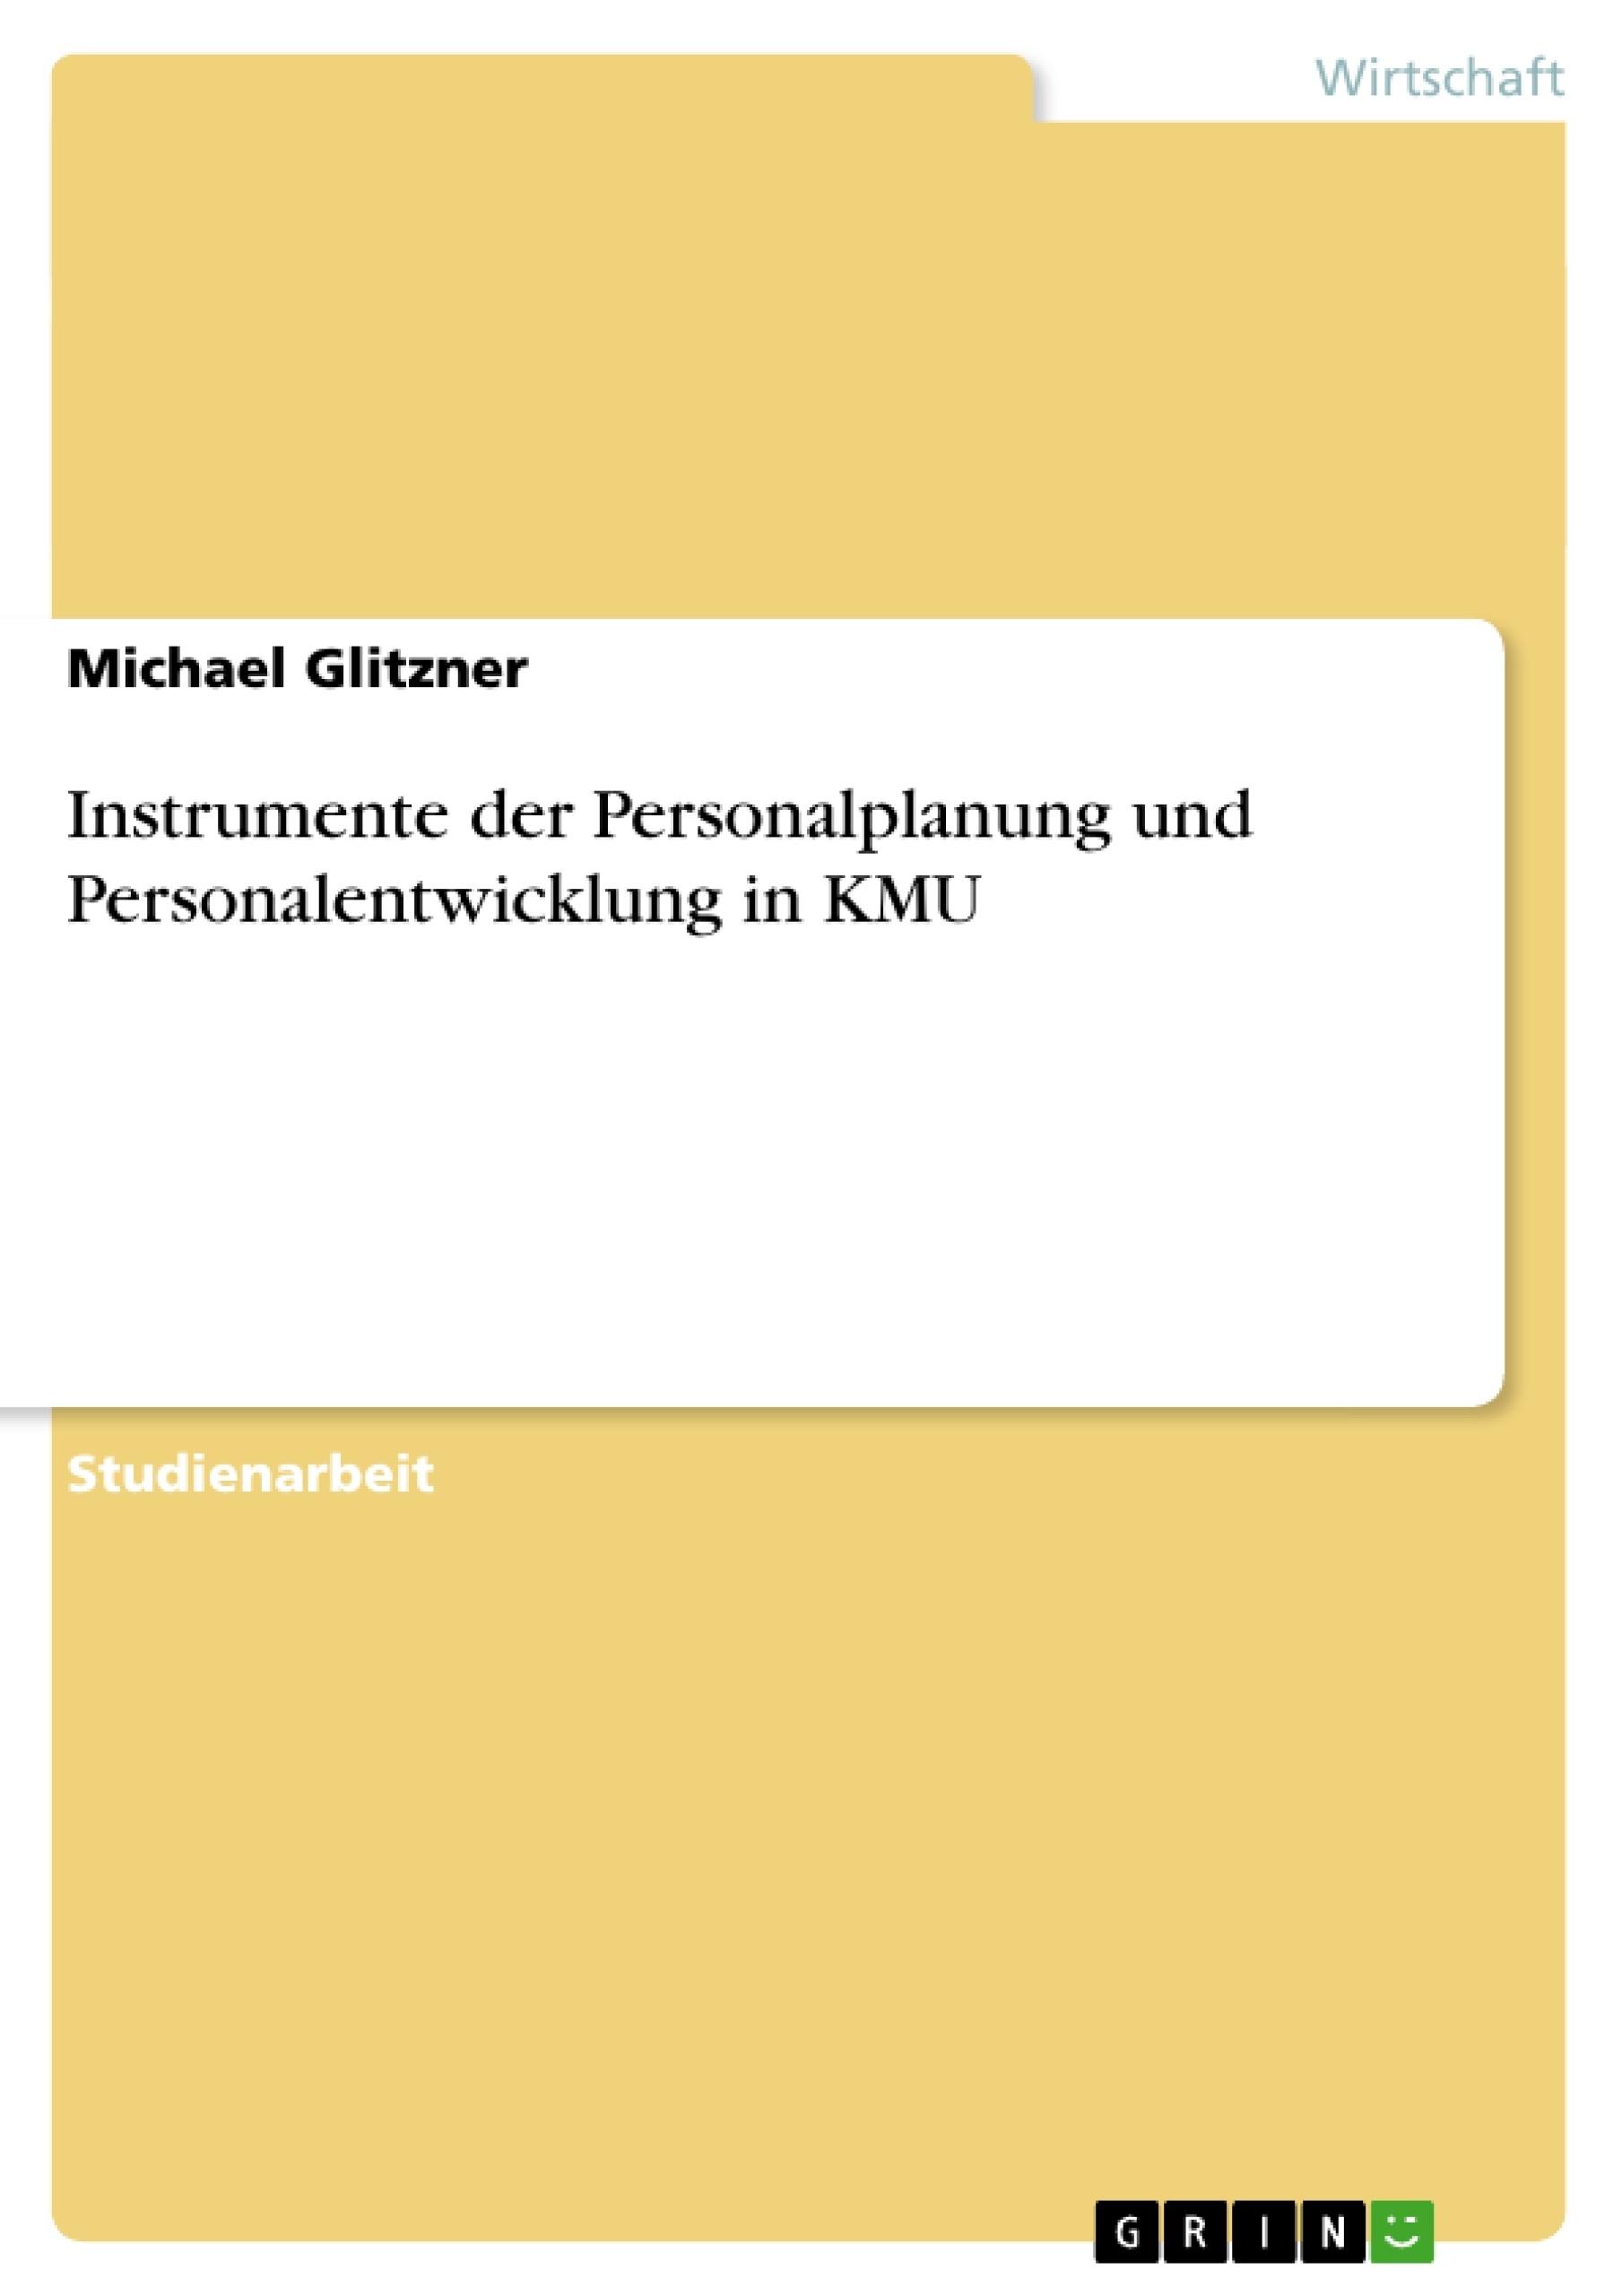 Titel: Instrumente der Personalplanung und Personalentwicklung in KMU